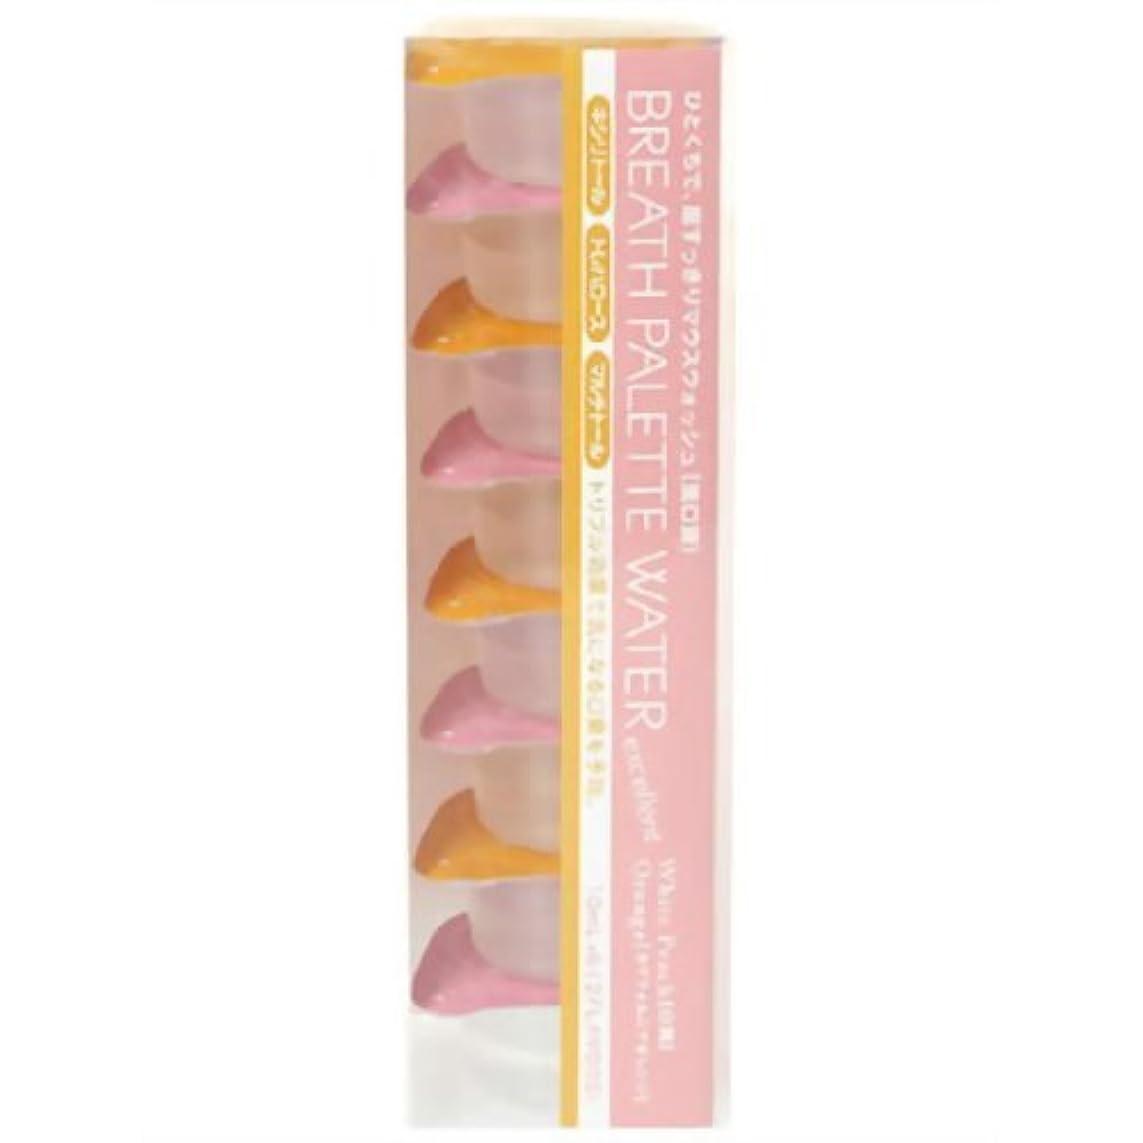 モート出血集めるブレスパレットウォーターエクセレント(ピーチ&オレンジ)